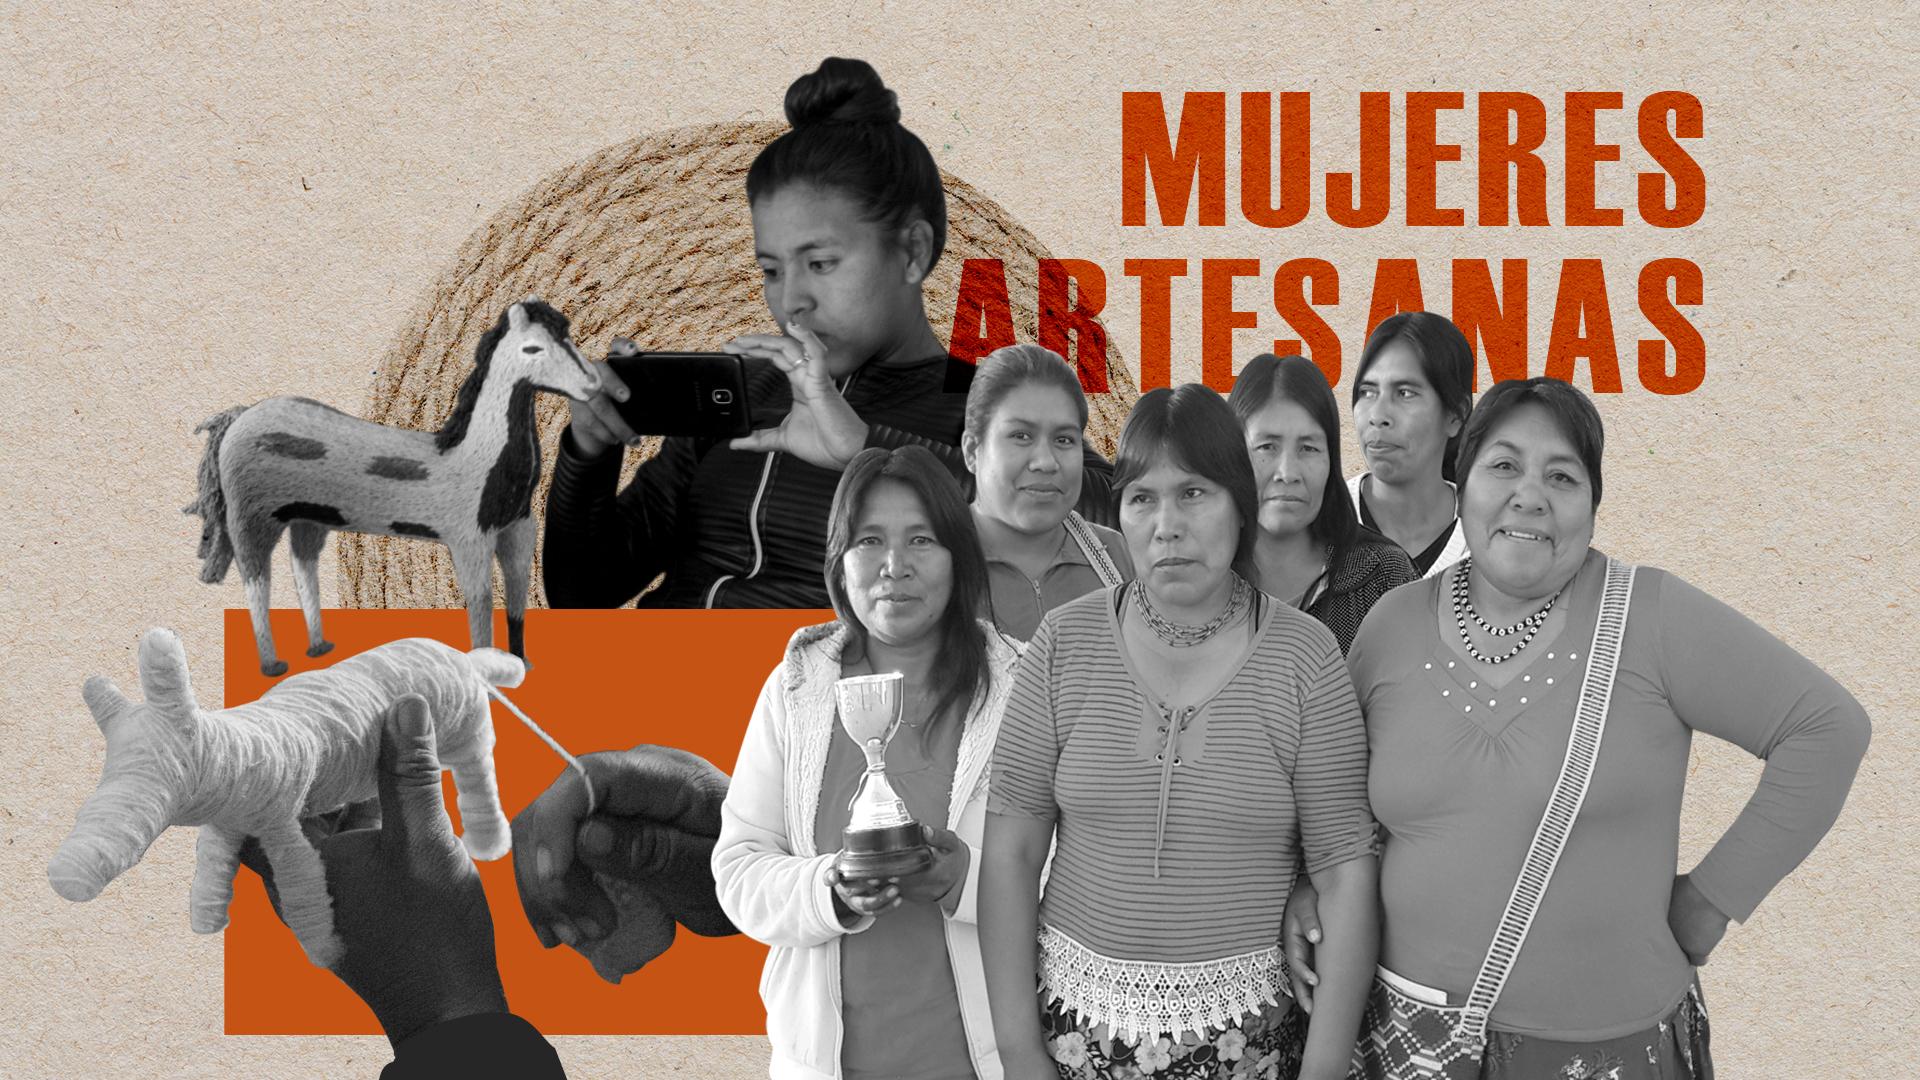 Cómo se formó la red de mujeres artesanas indígenas más grande de Argentina